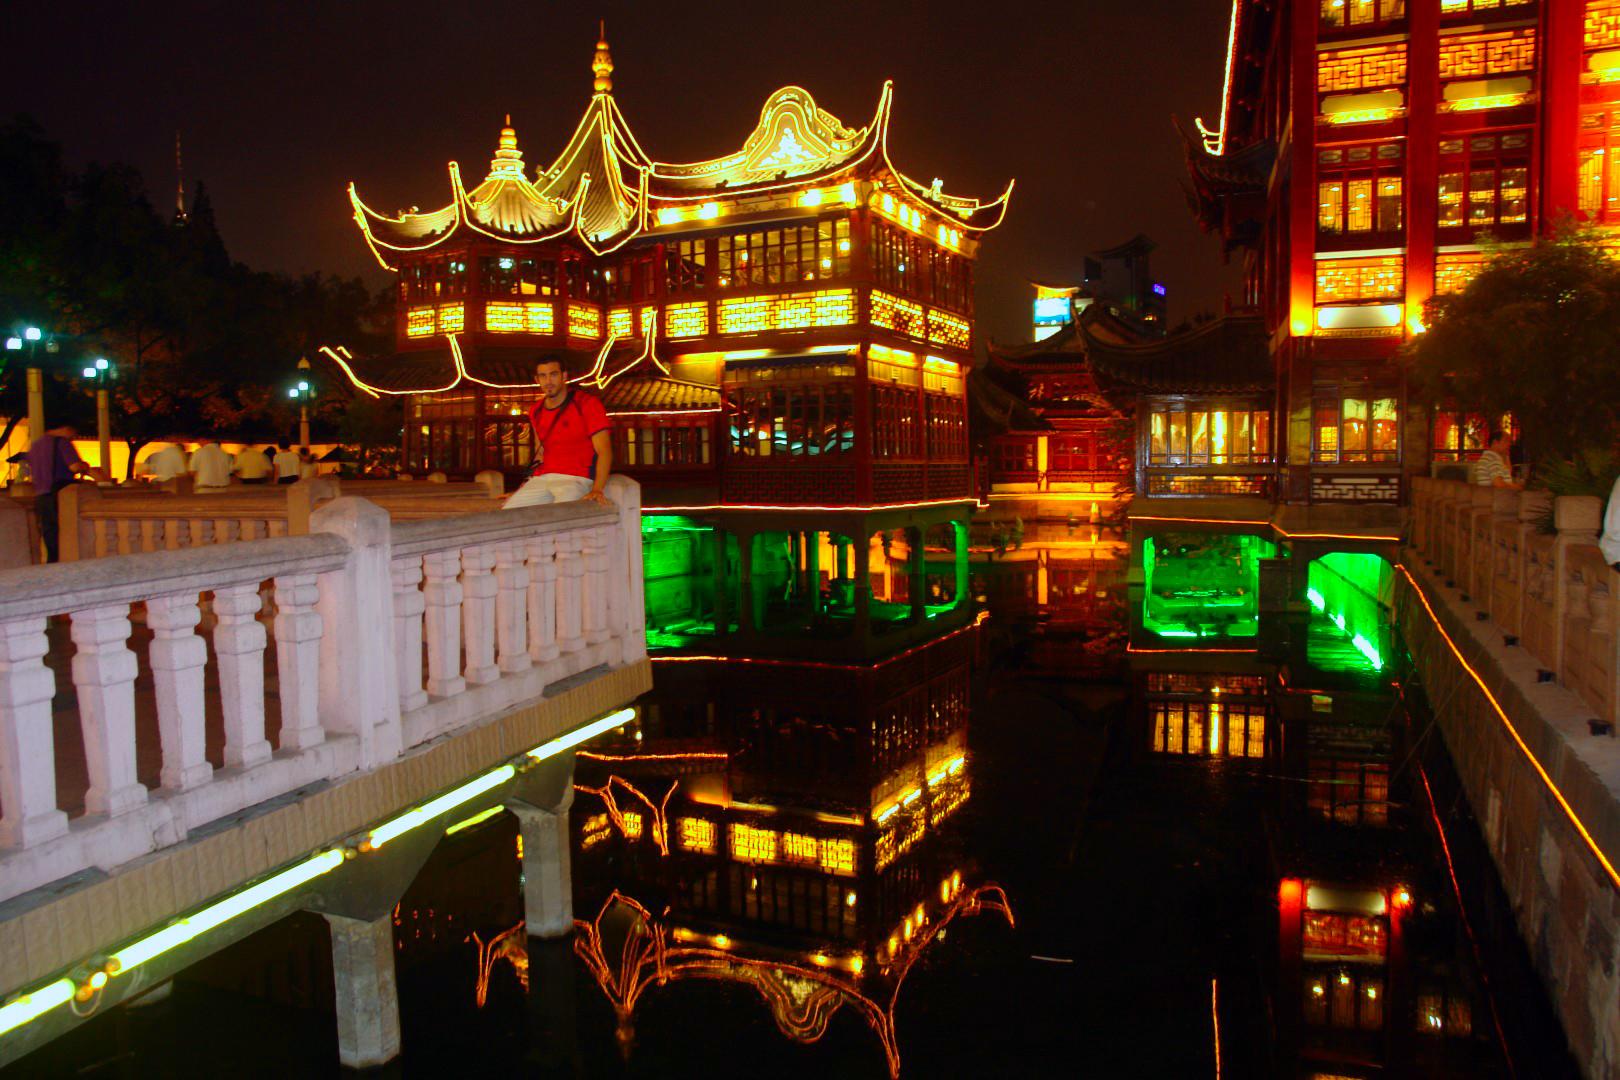 qué ver en Shanghai, China qué ver en shanghai - 31714498454 80d70dbd32 o - Qué ver en Shanghai, China